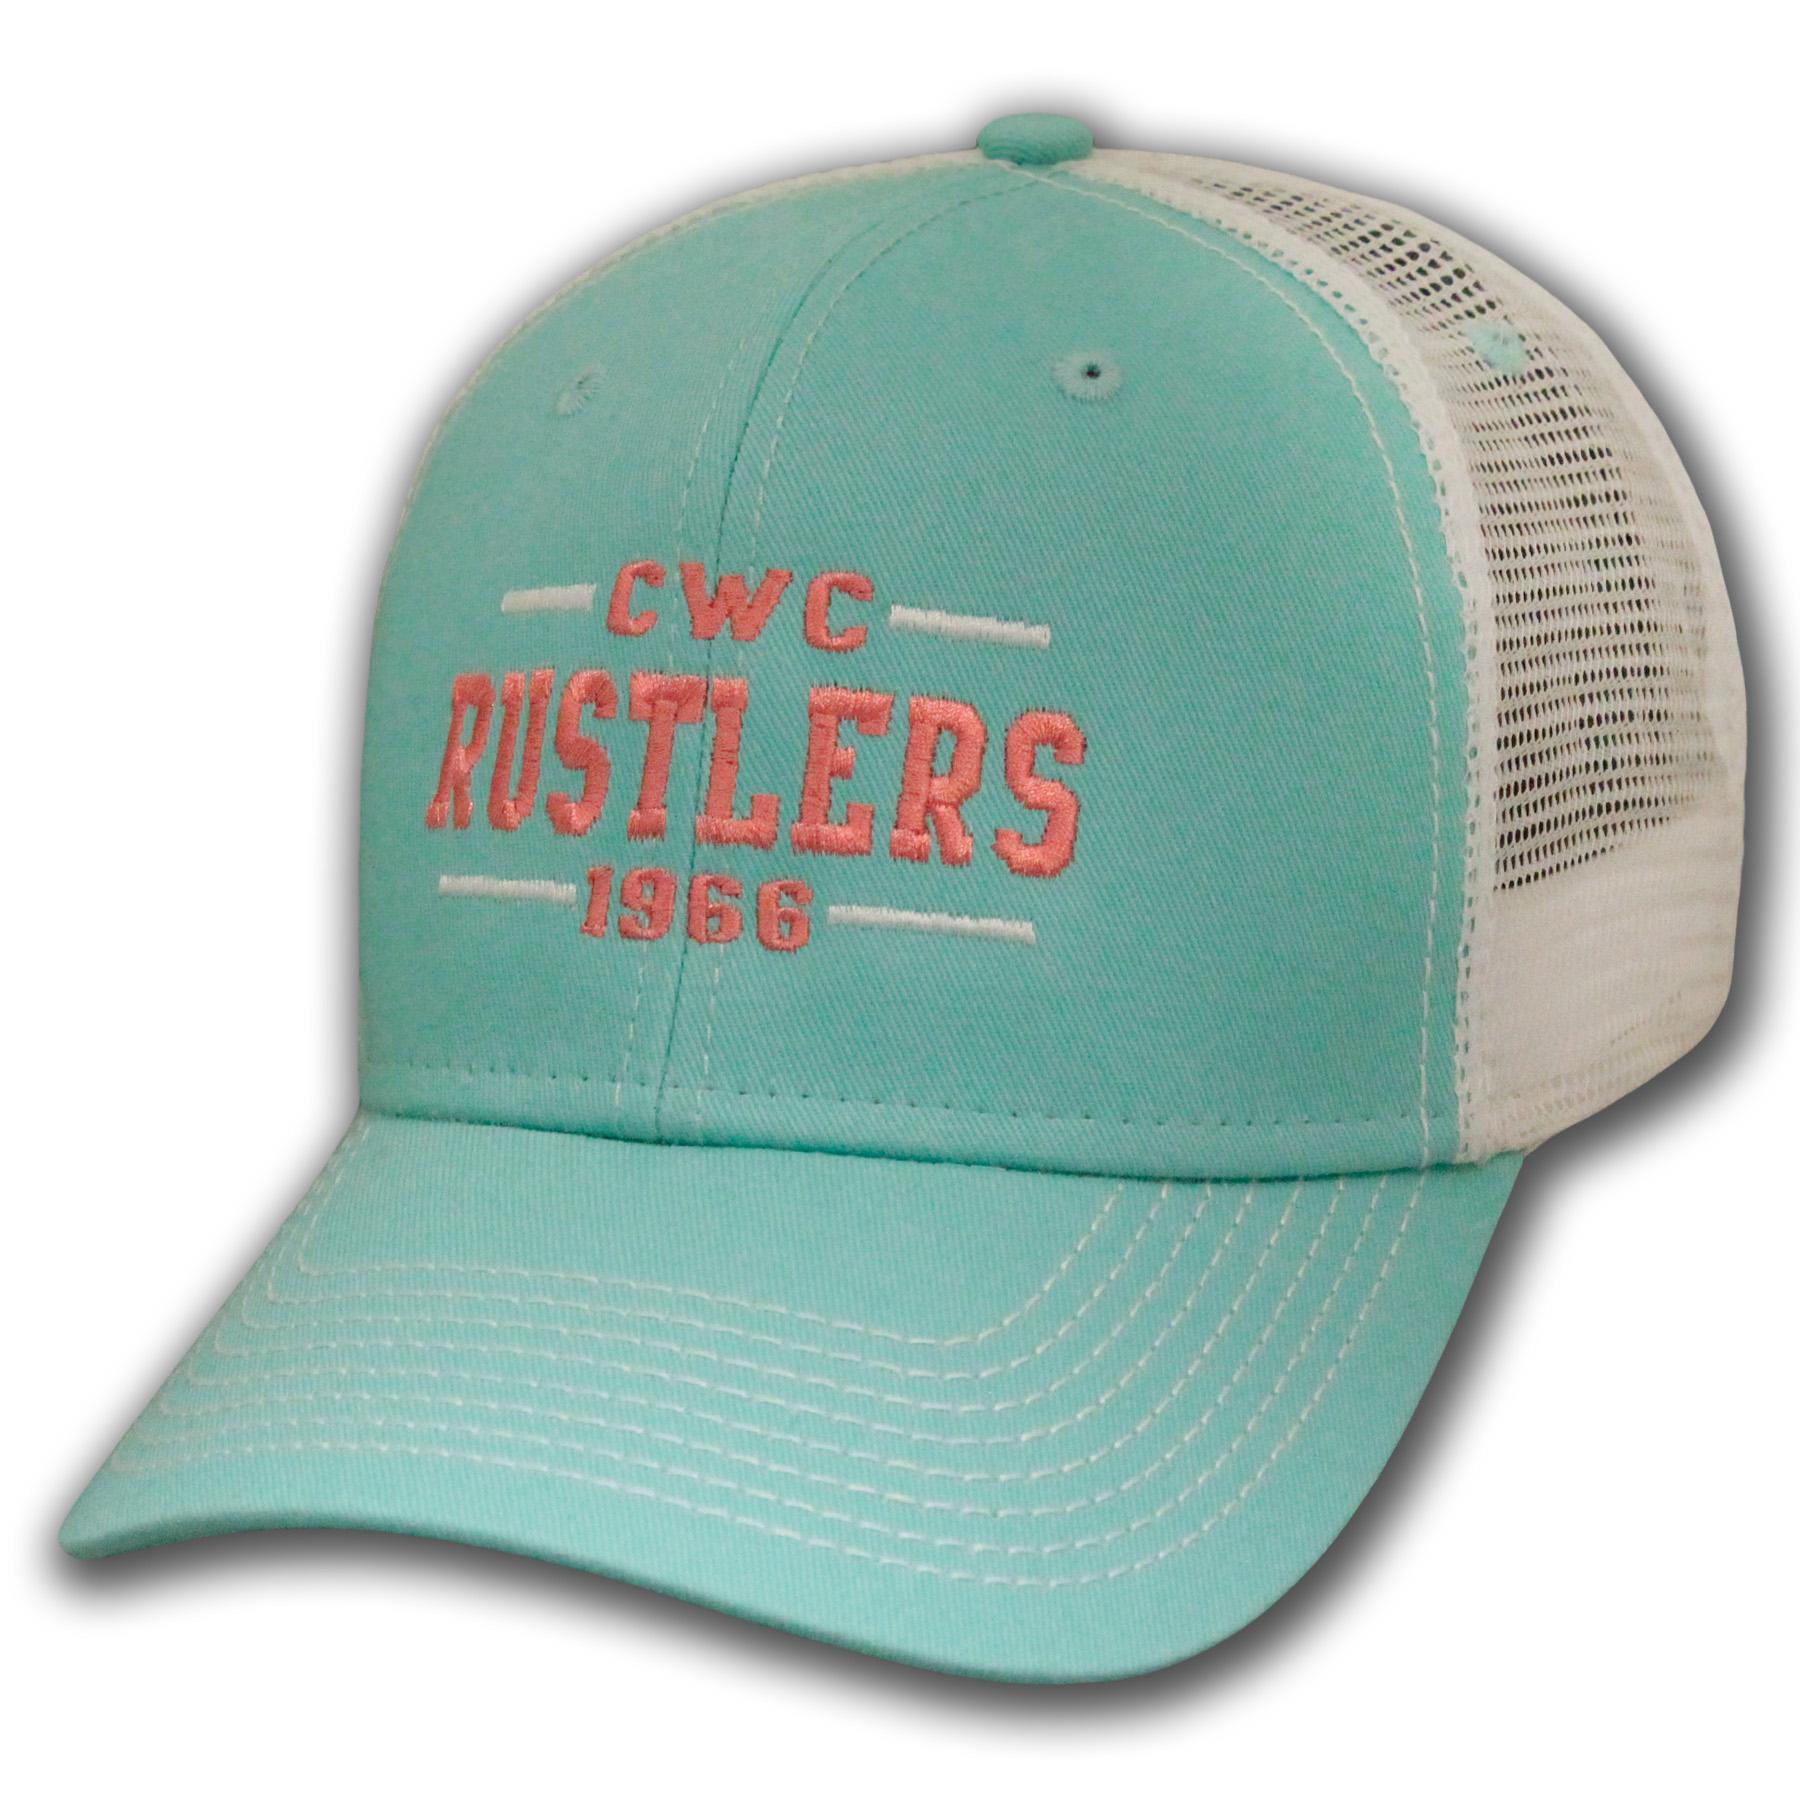 CWC Rustlers 1966 Mesh Back Baseball Cap